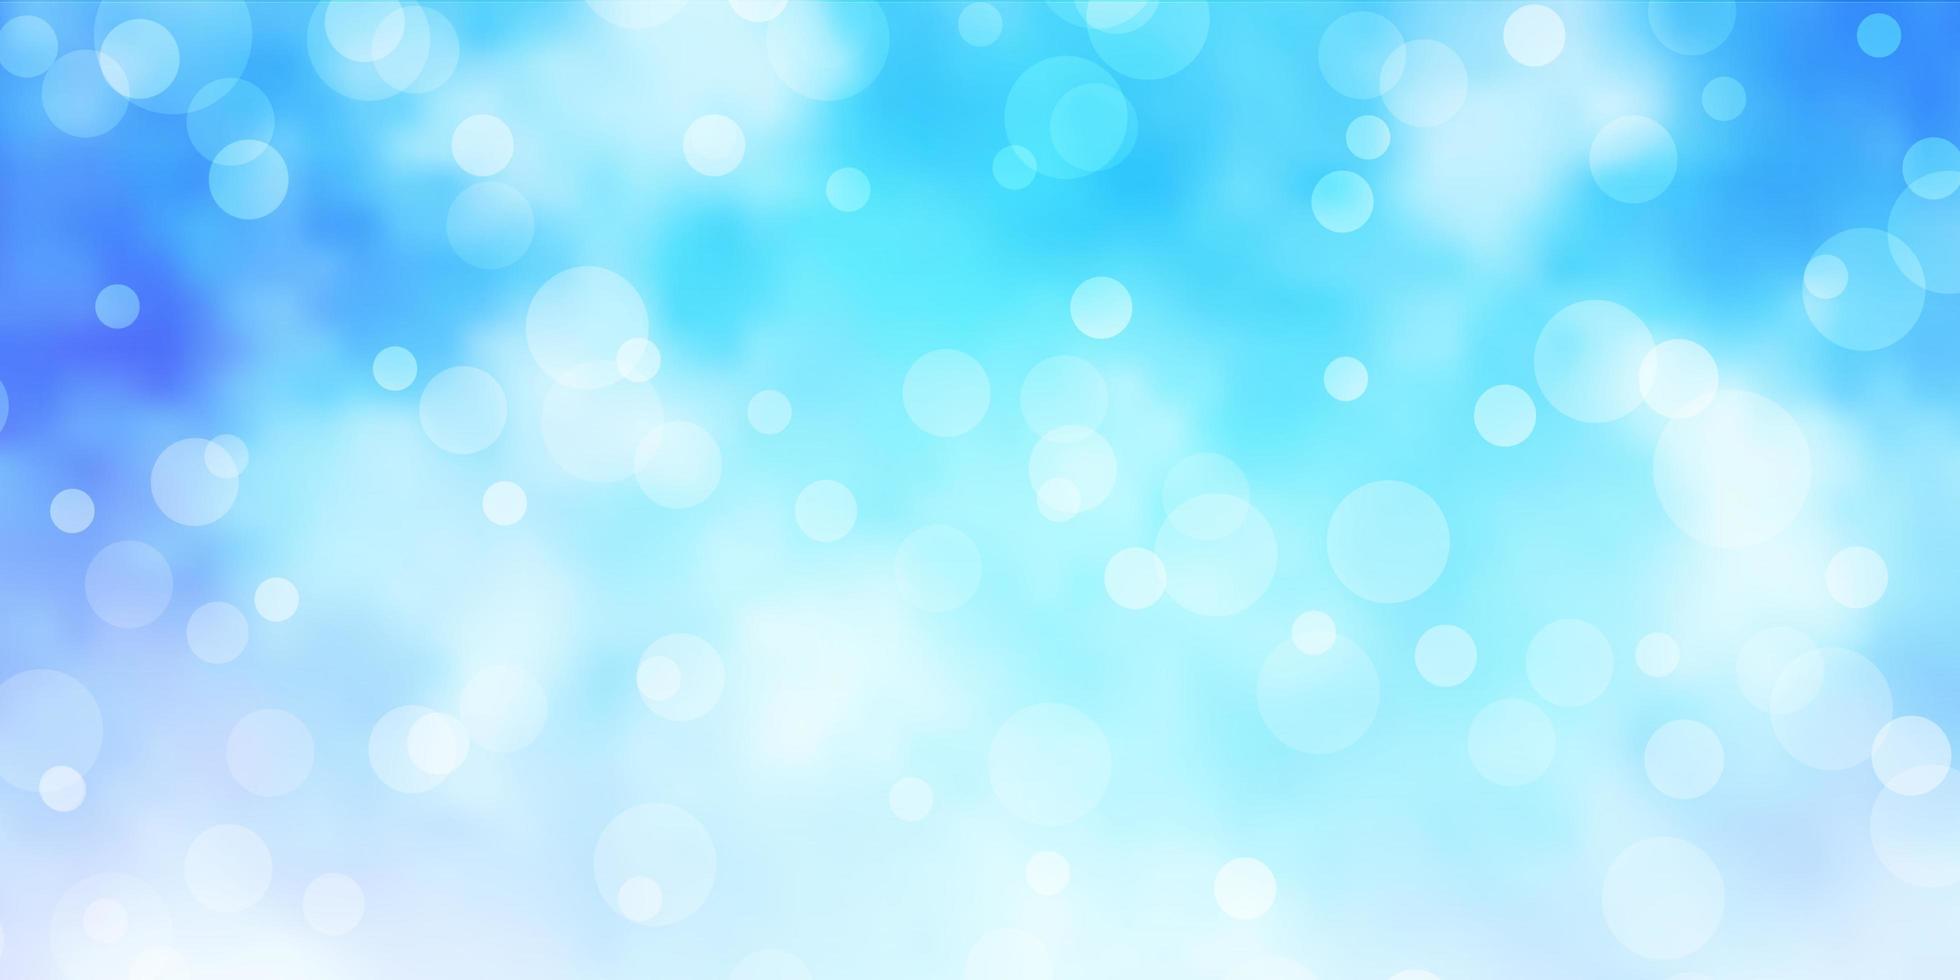 lichtblauwe vectorachtergrond met cirkels. vector